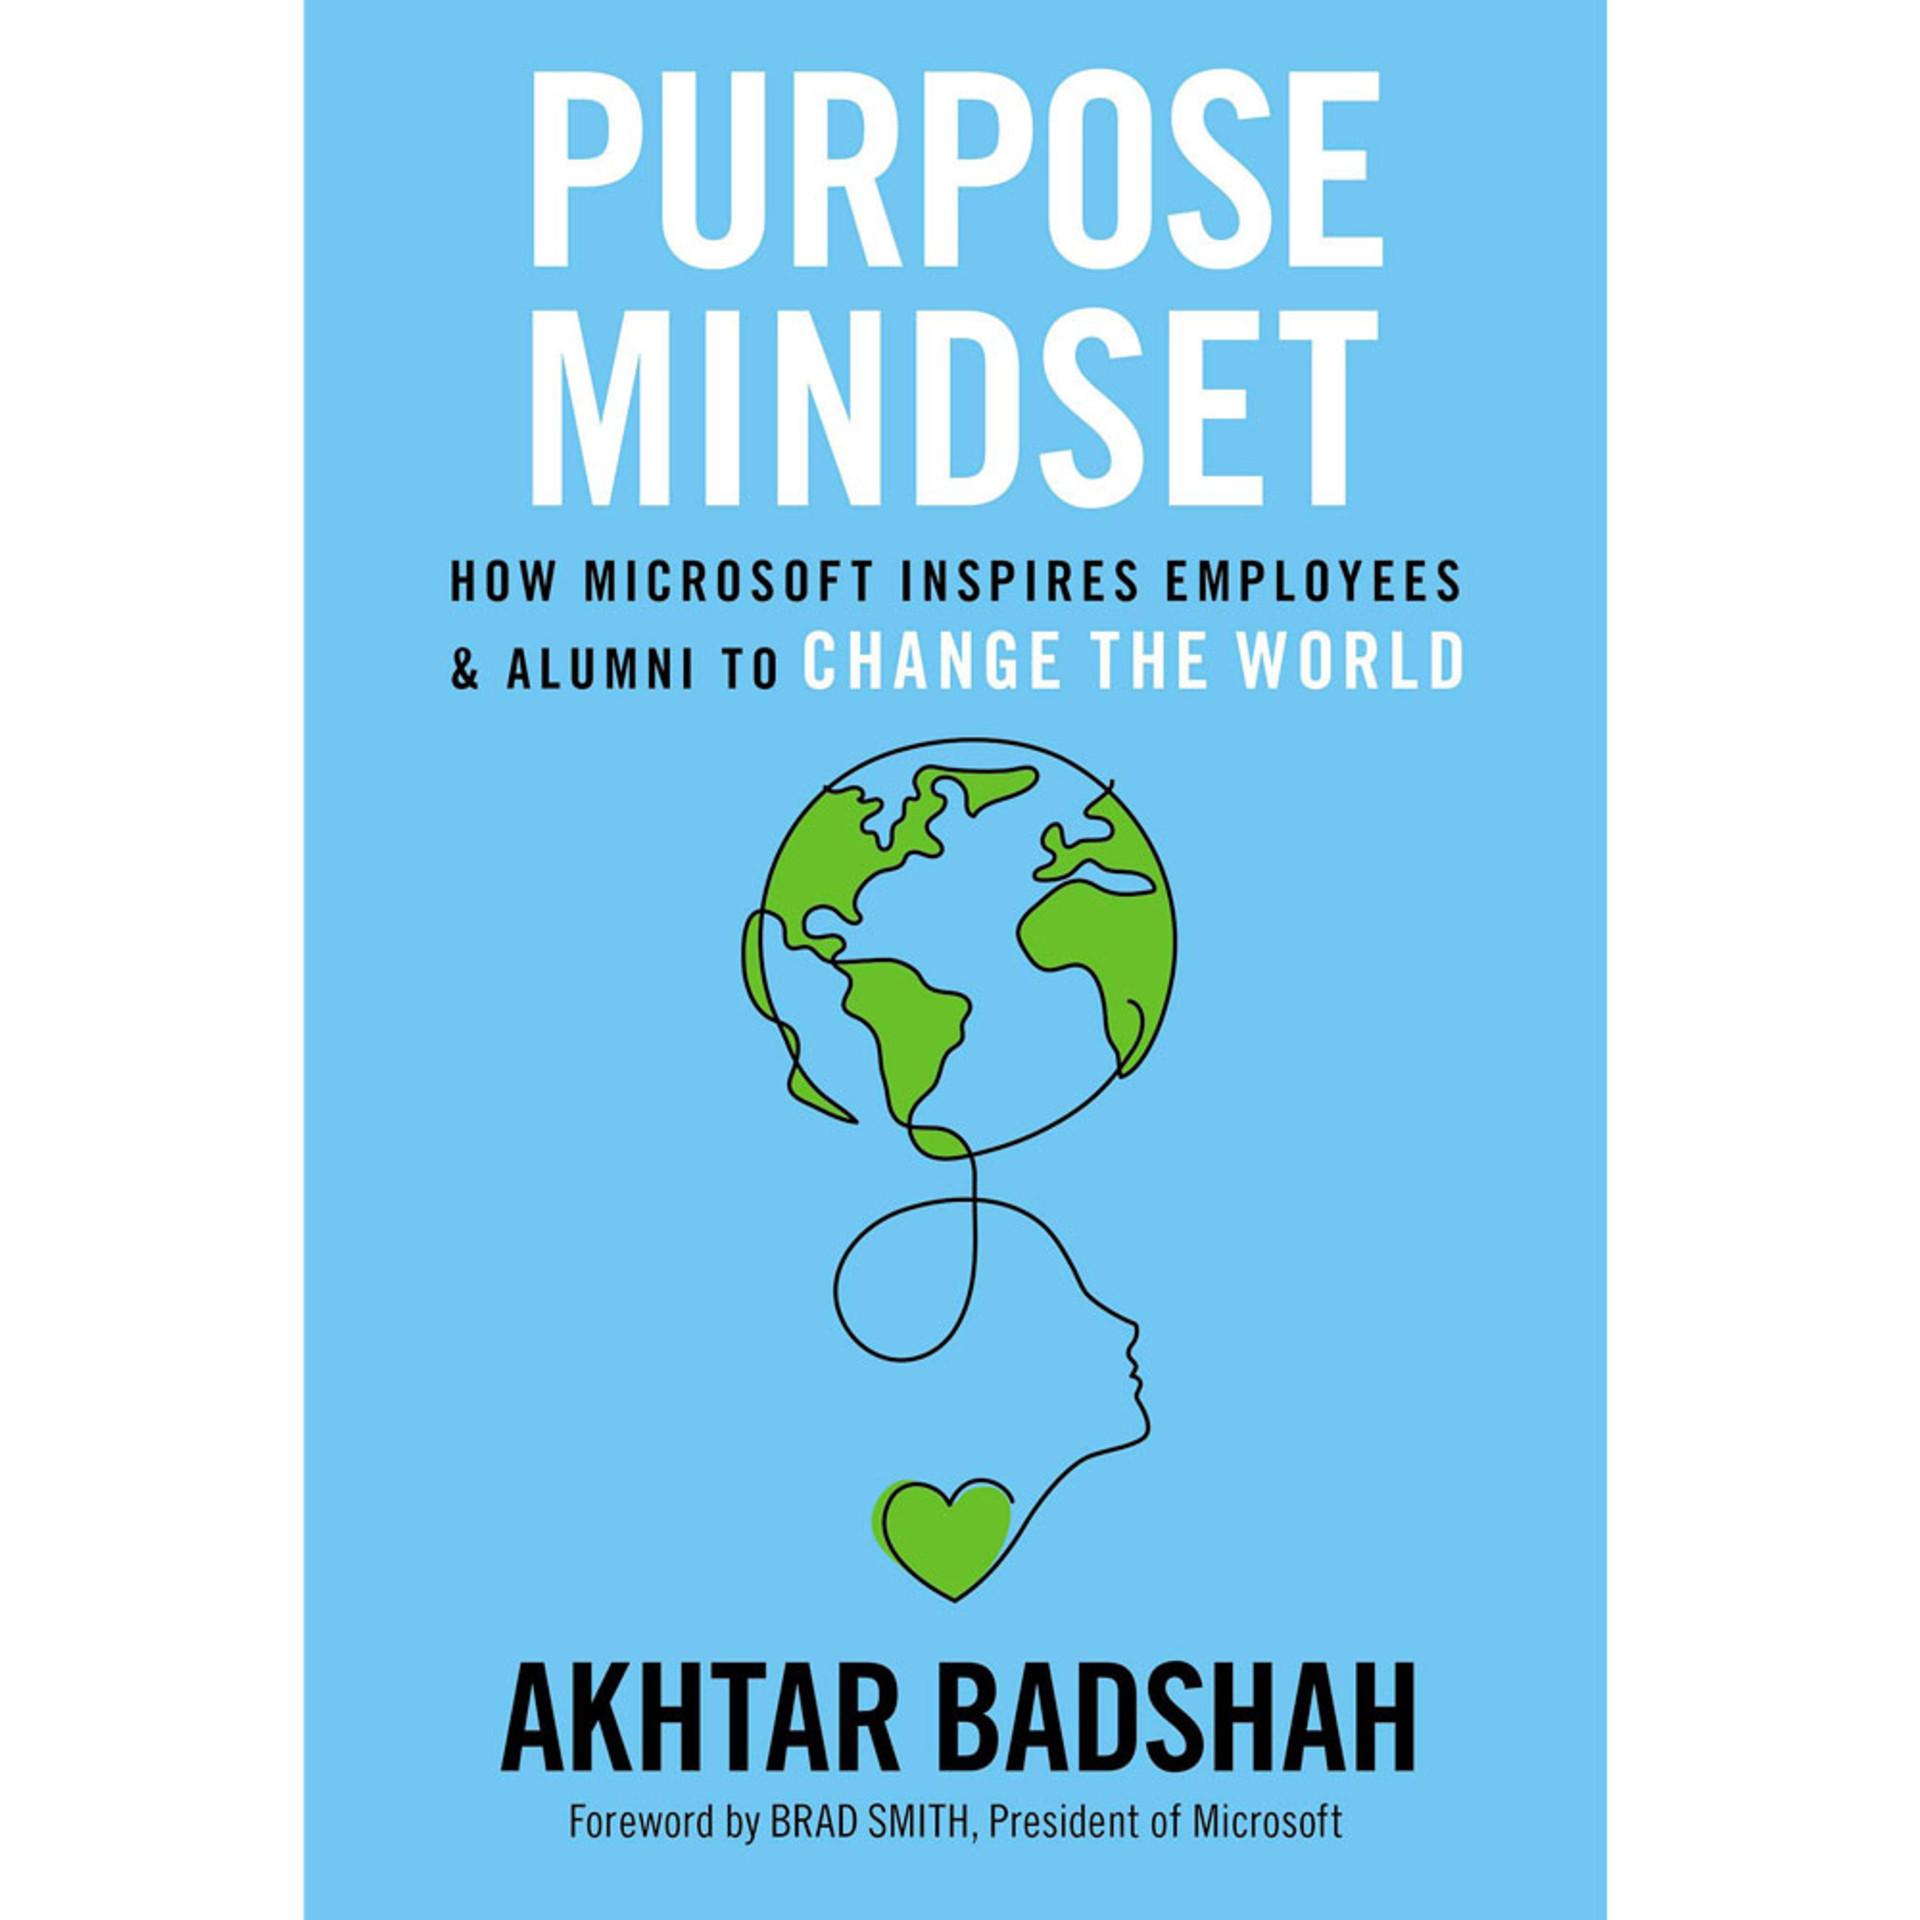 Purpose Mindset by Akhktar Badshah